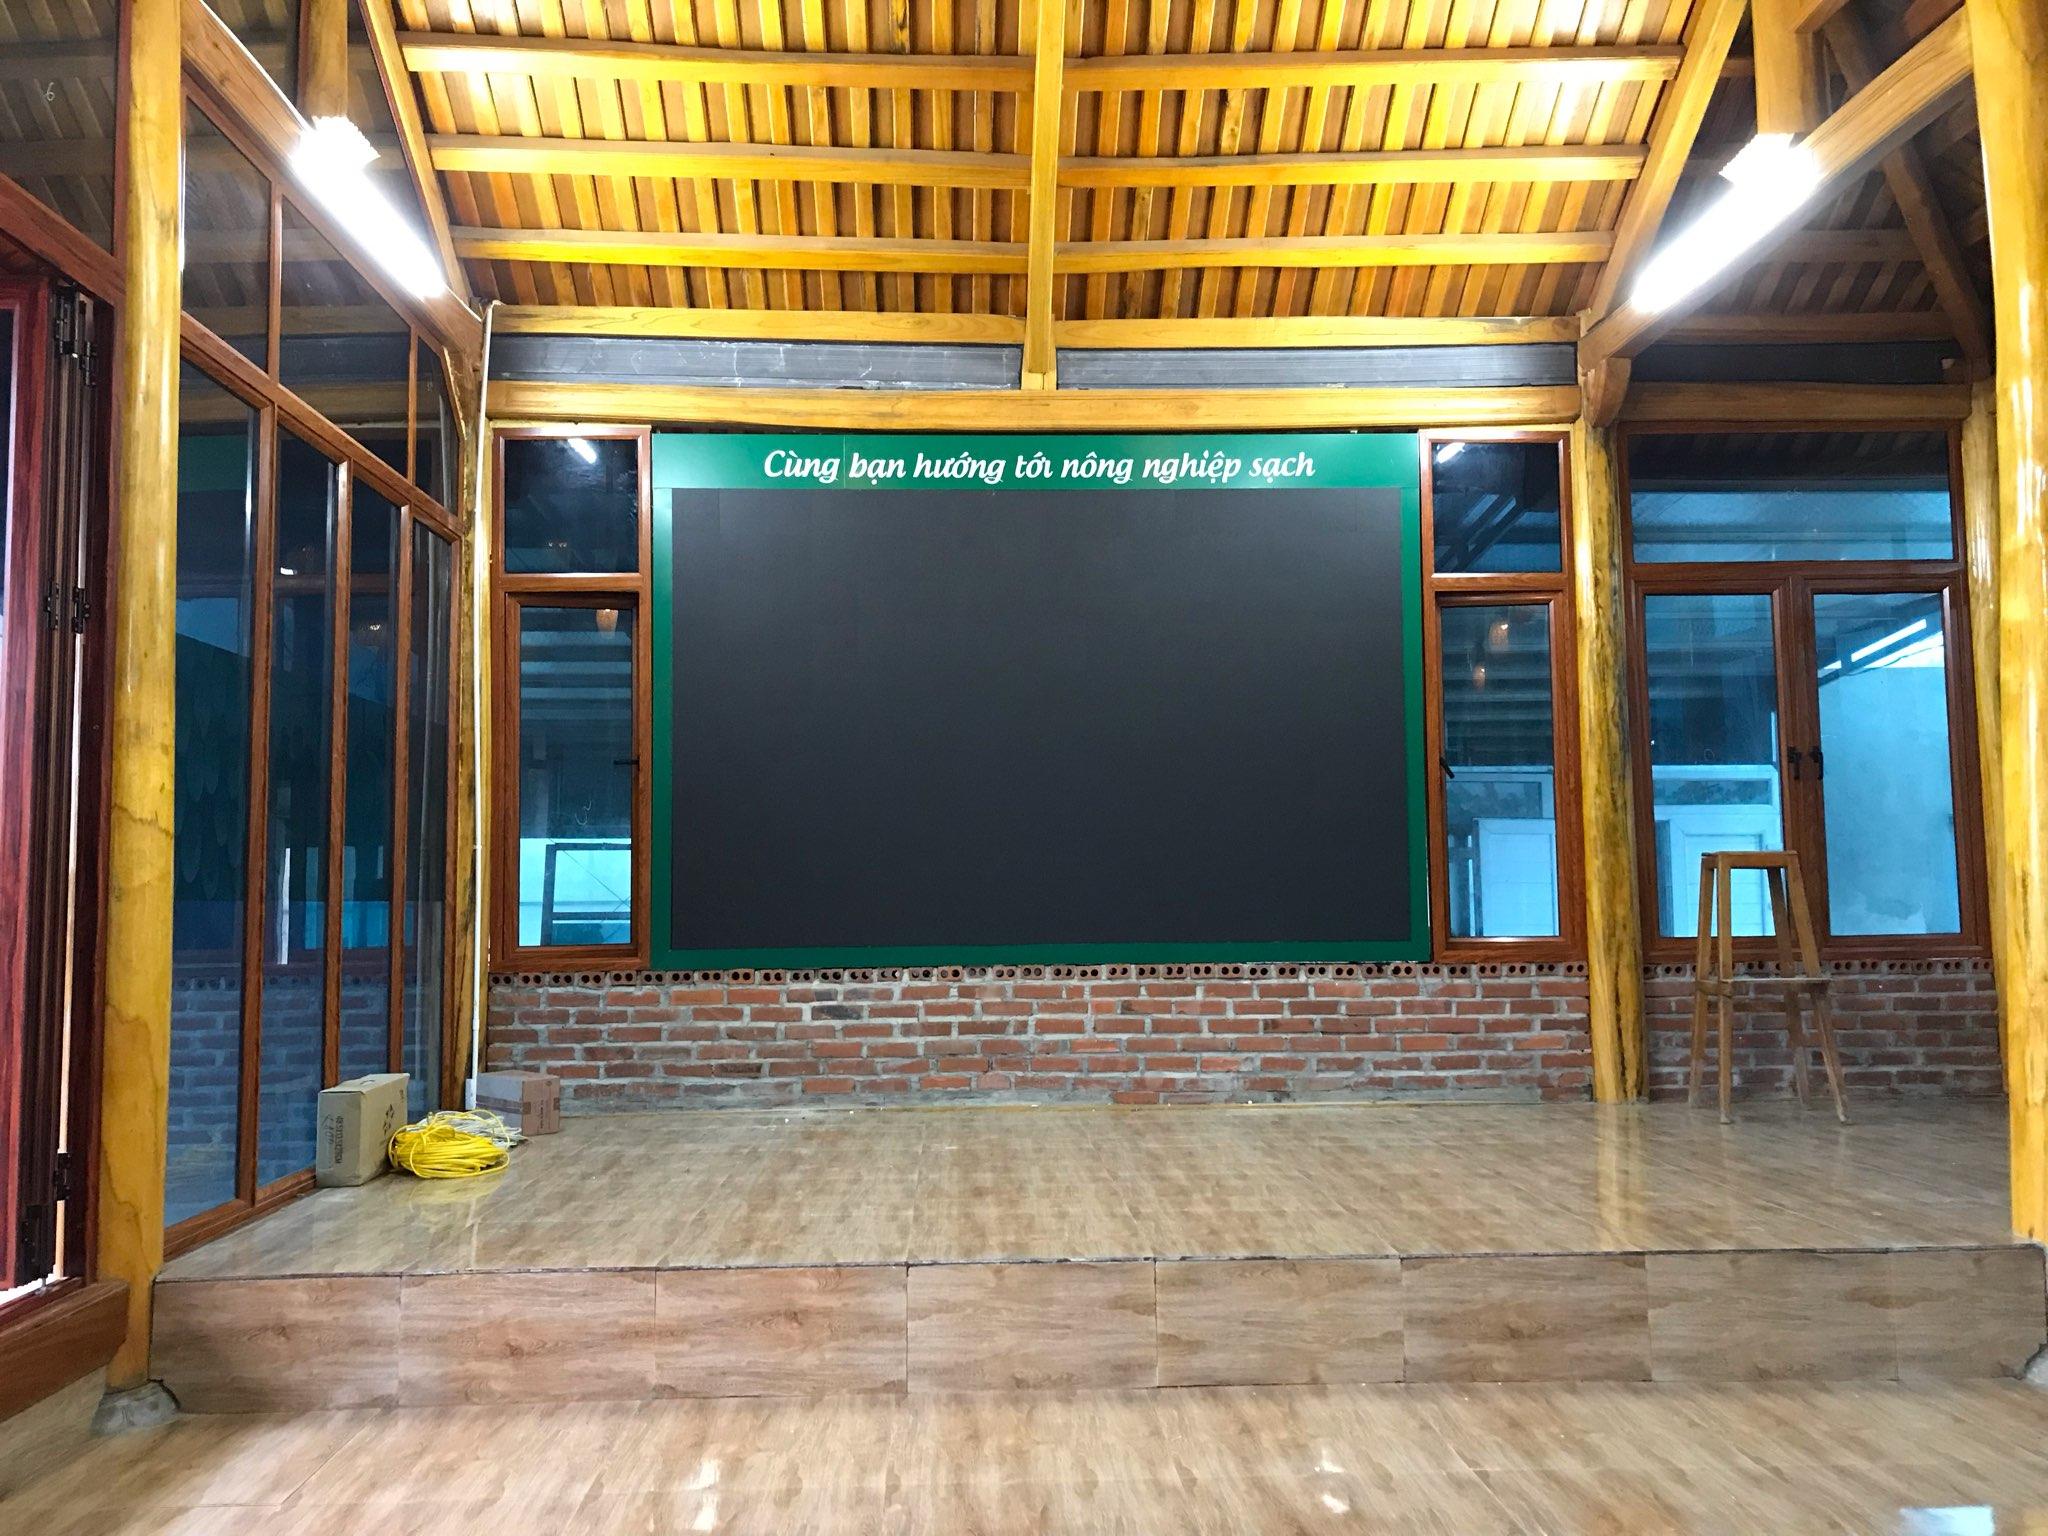 Hatuba thi công màn hình led trong nhà cho Green Farm